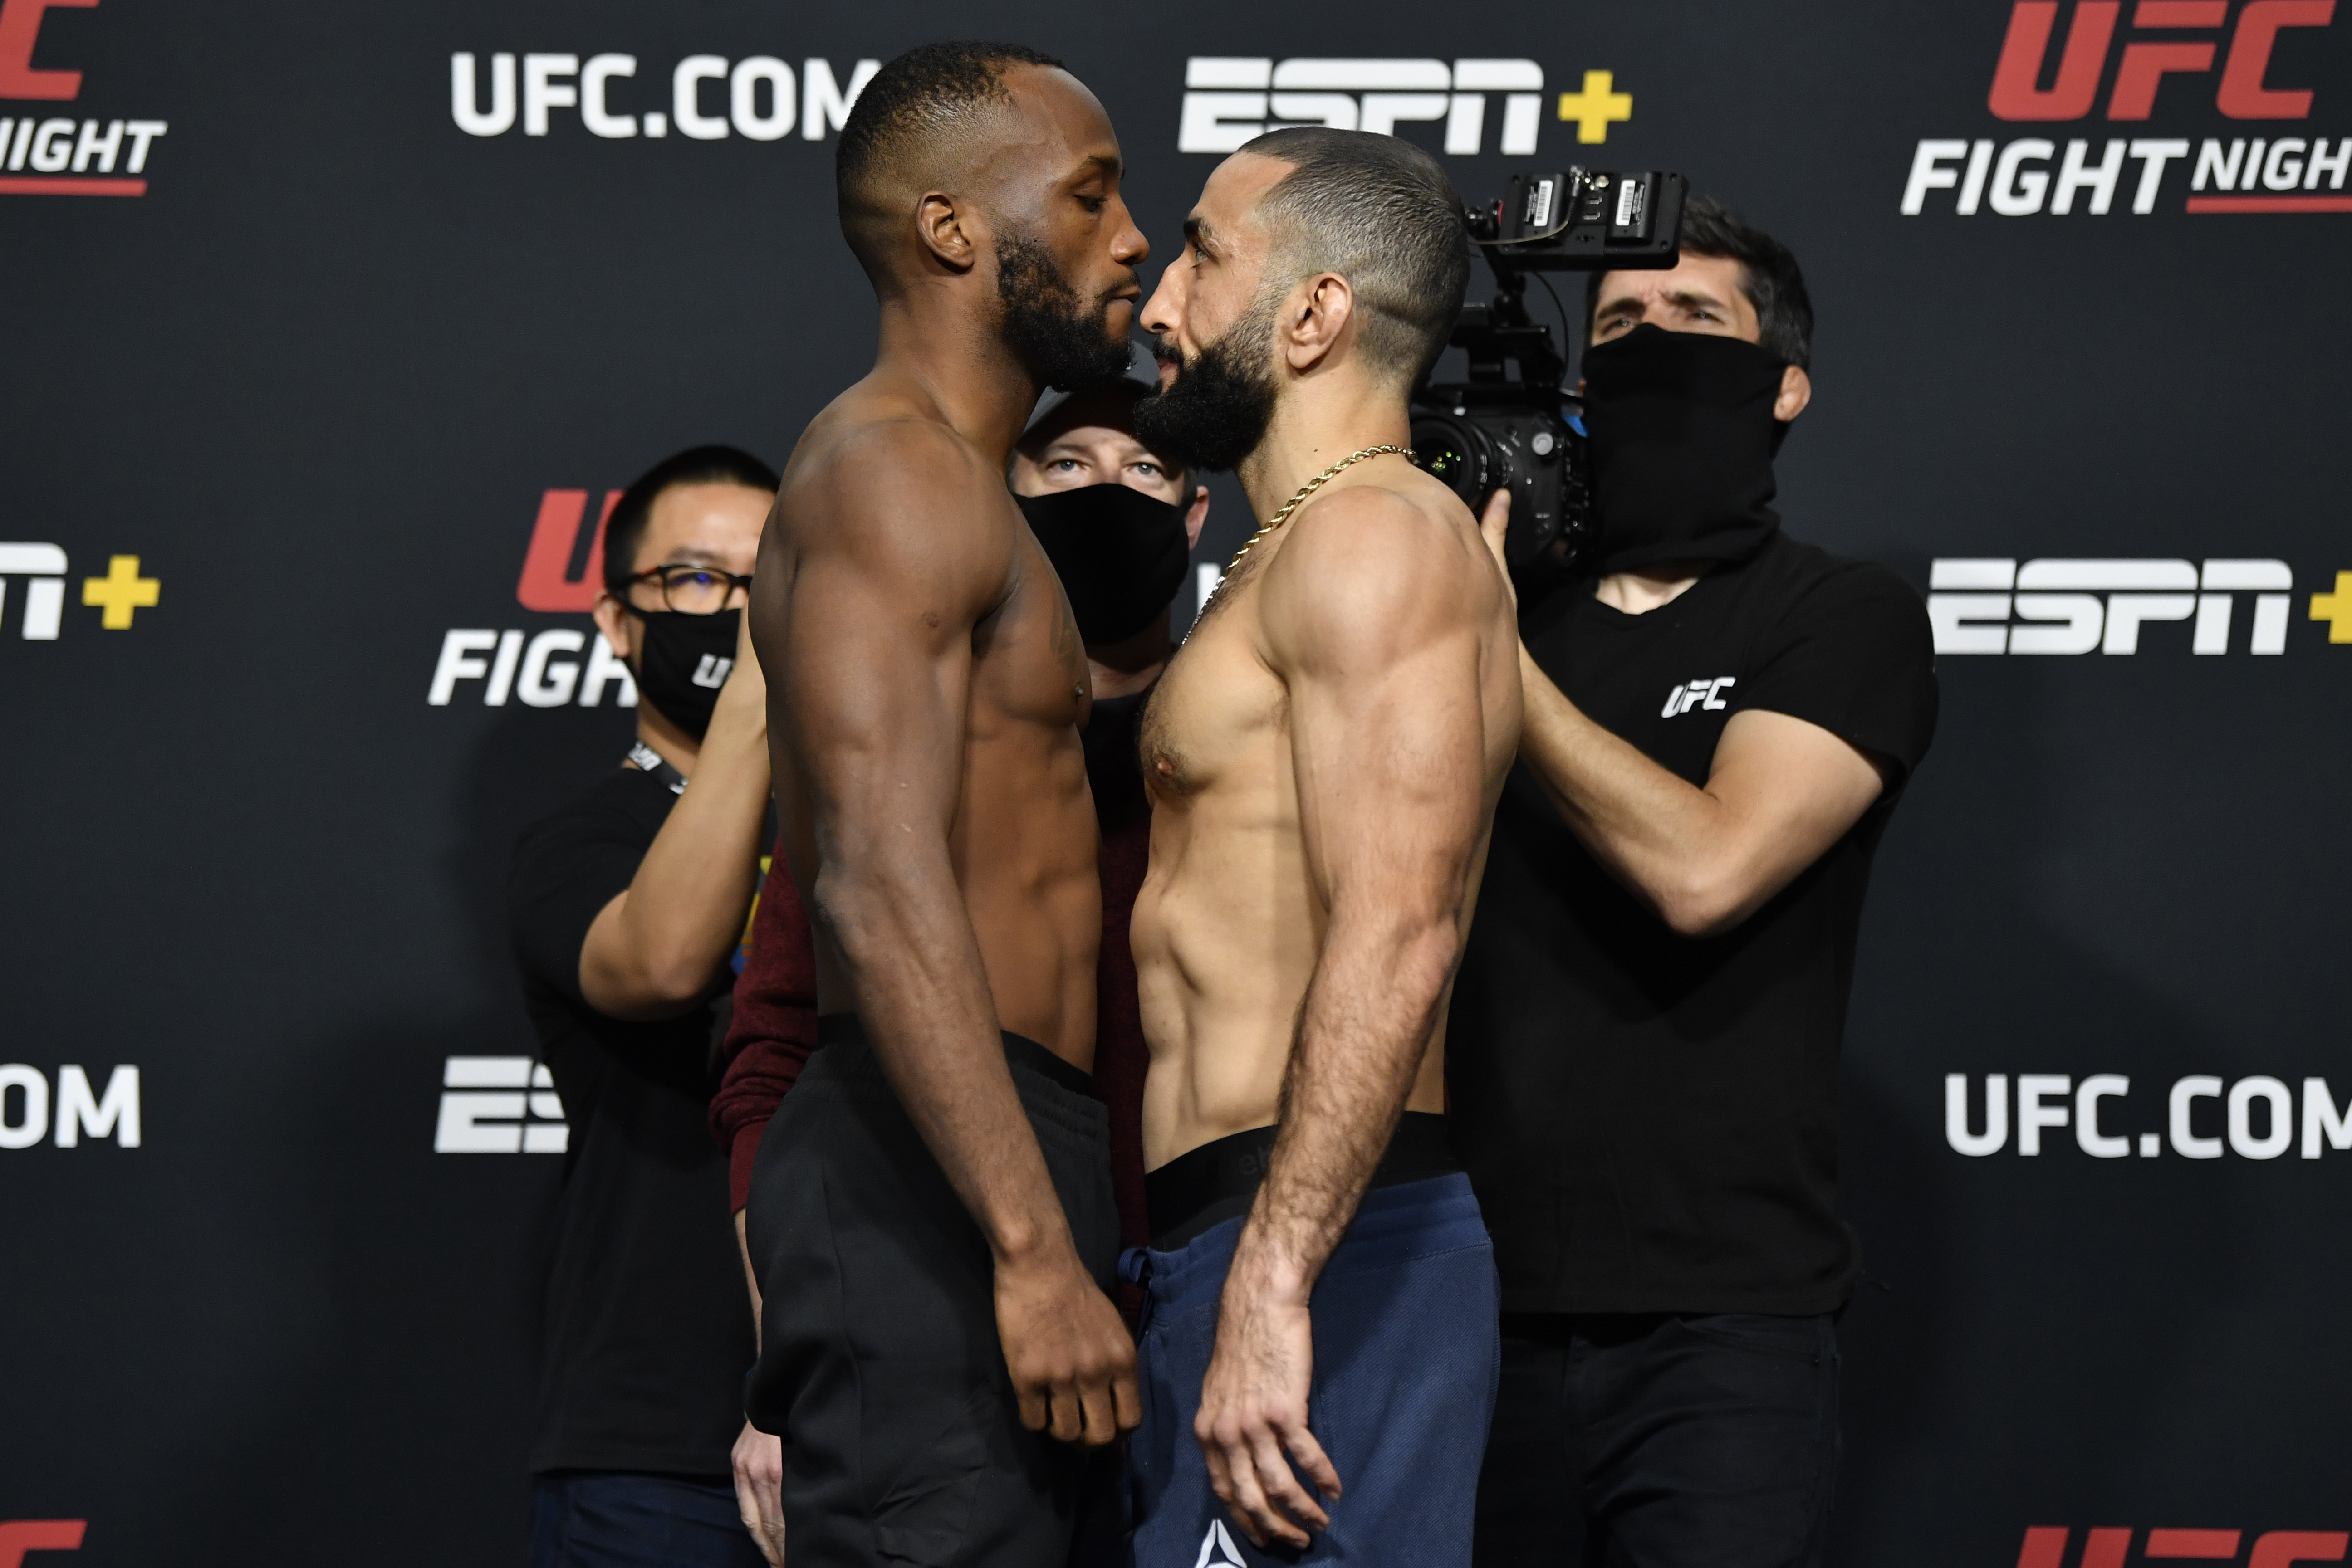 里昂·爱德华兹和贝拉尔·穆罕默德在维加斯UFC 21爱游戏app下载的游戏不能玩